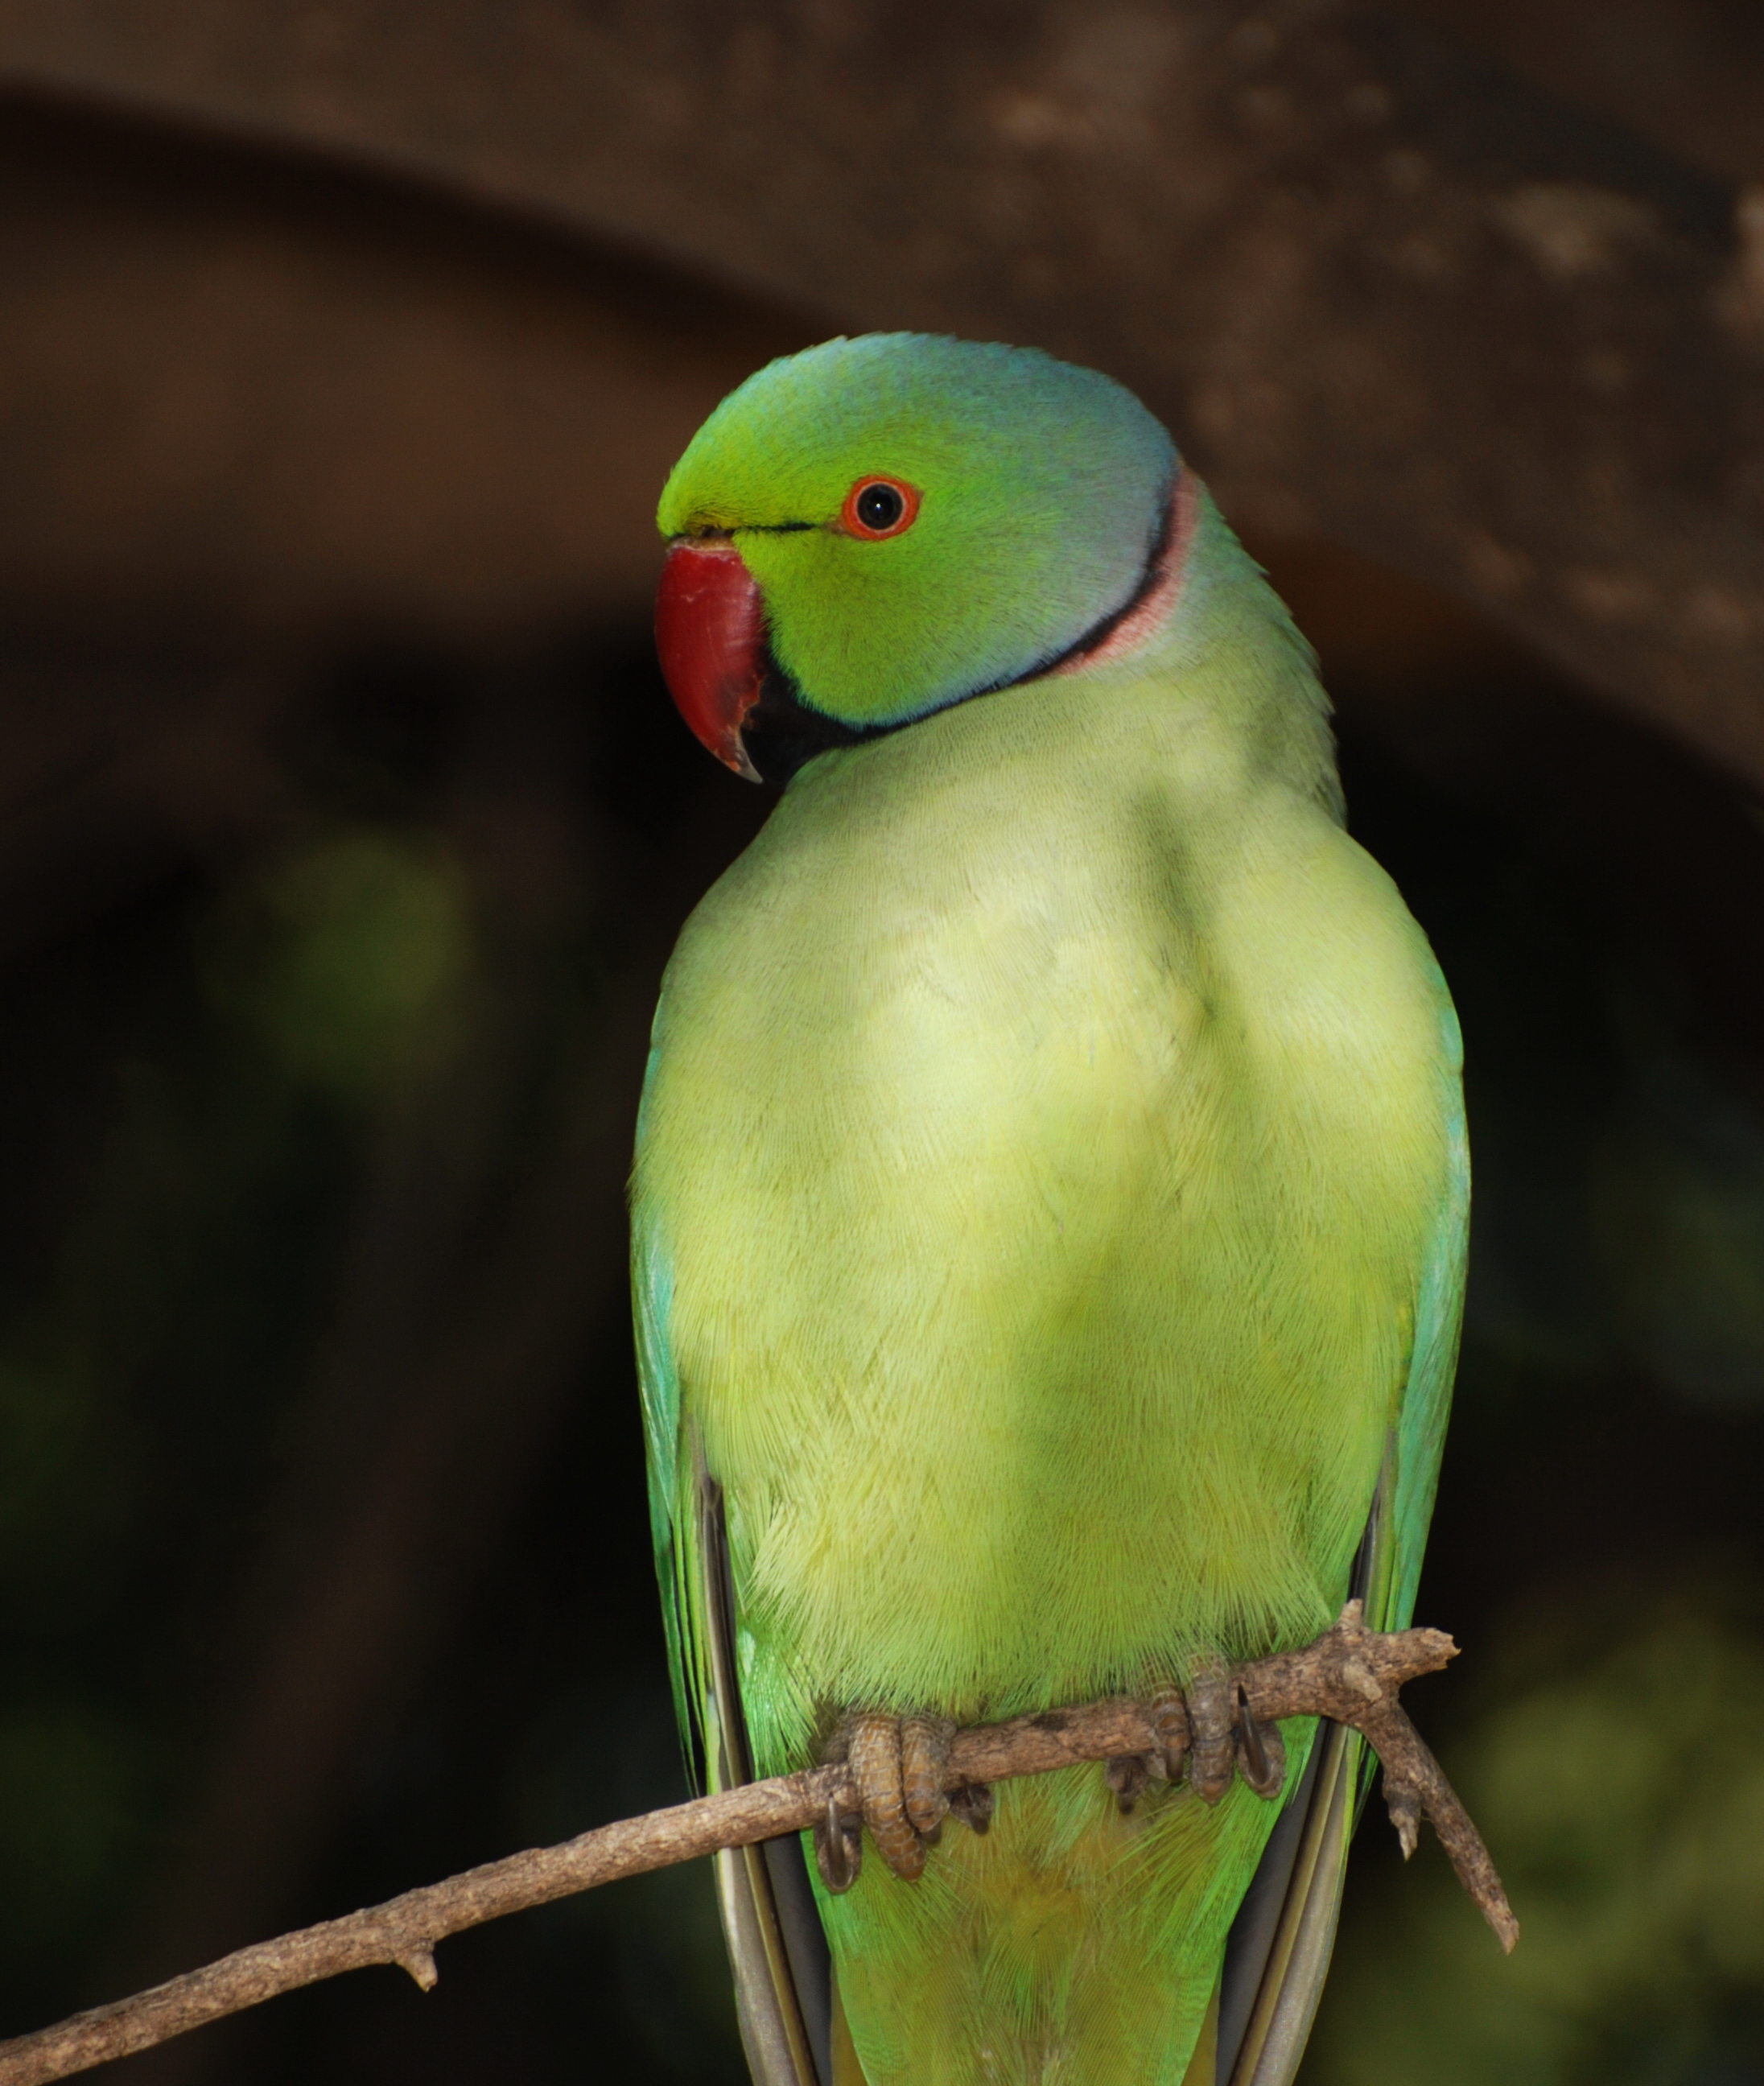 best parrot photo image